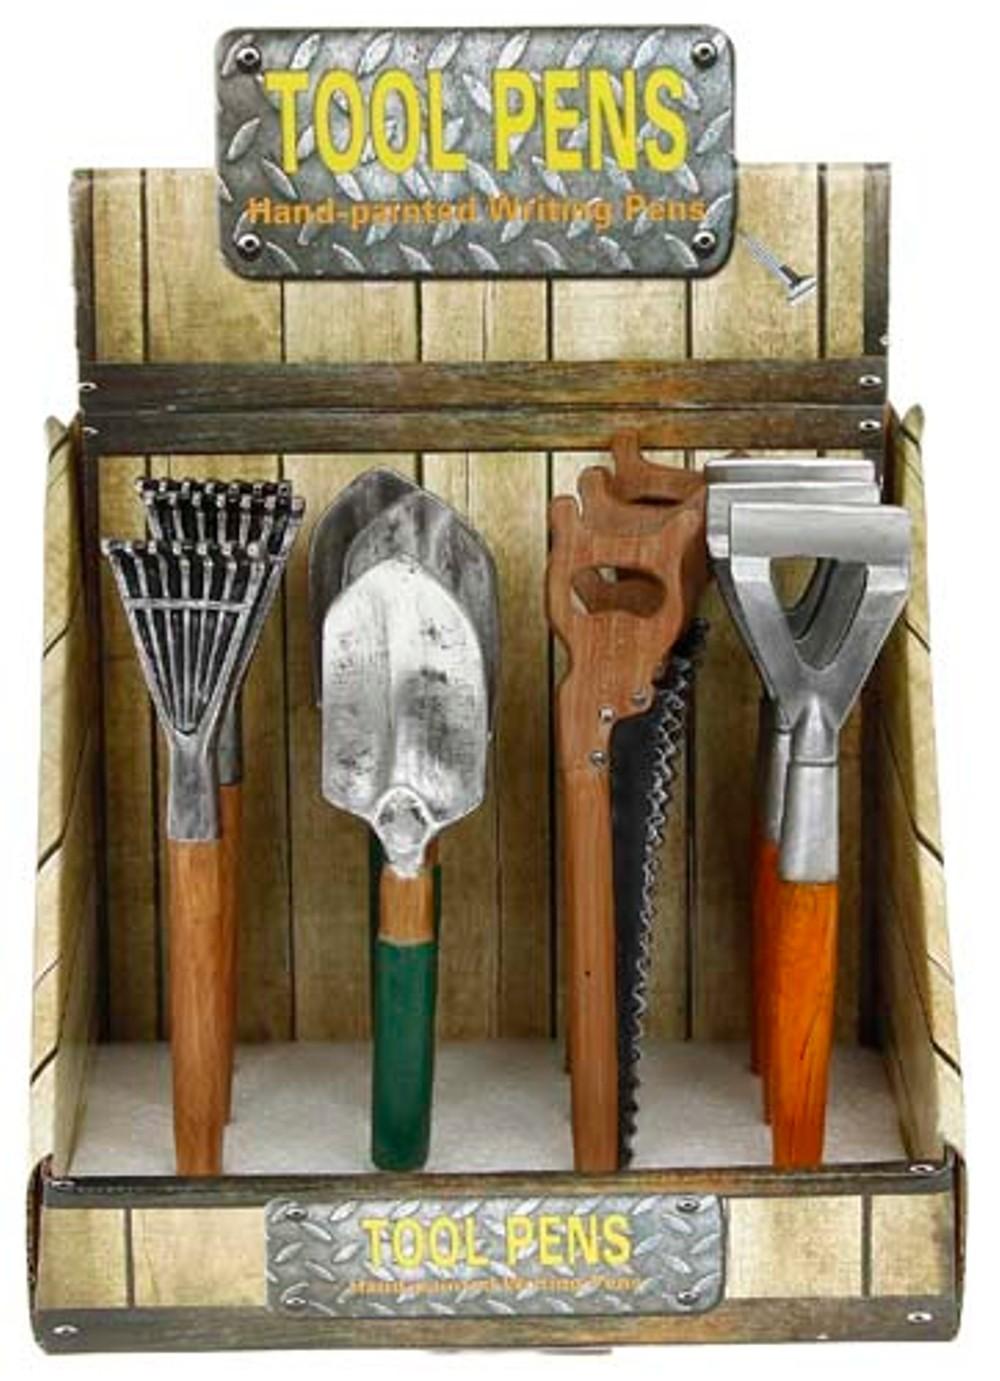 Garden tool pens ref 37080 publicscrutiny Choice Image